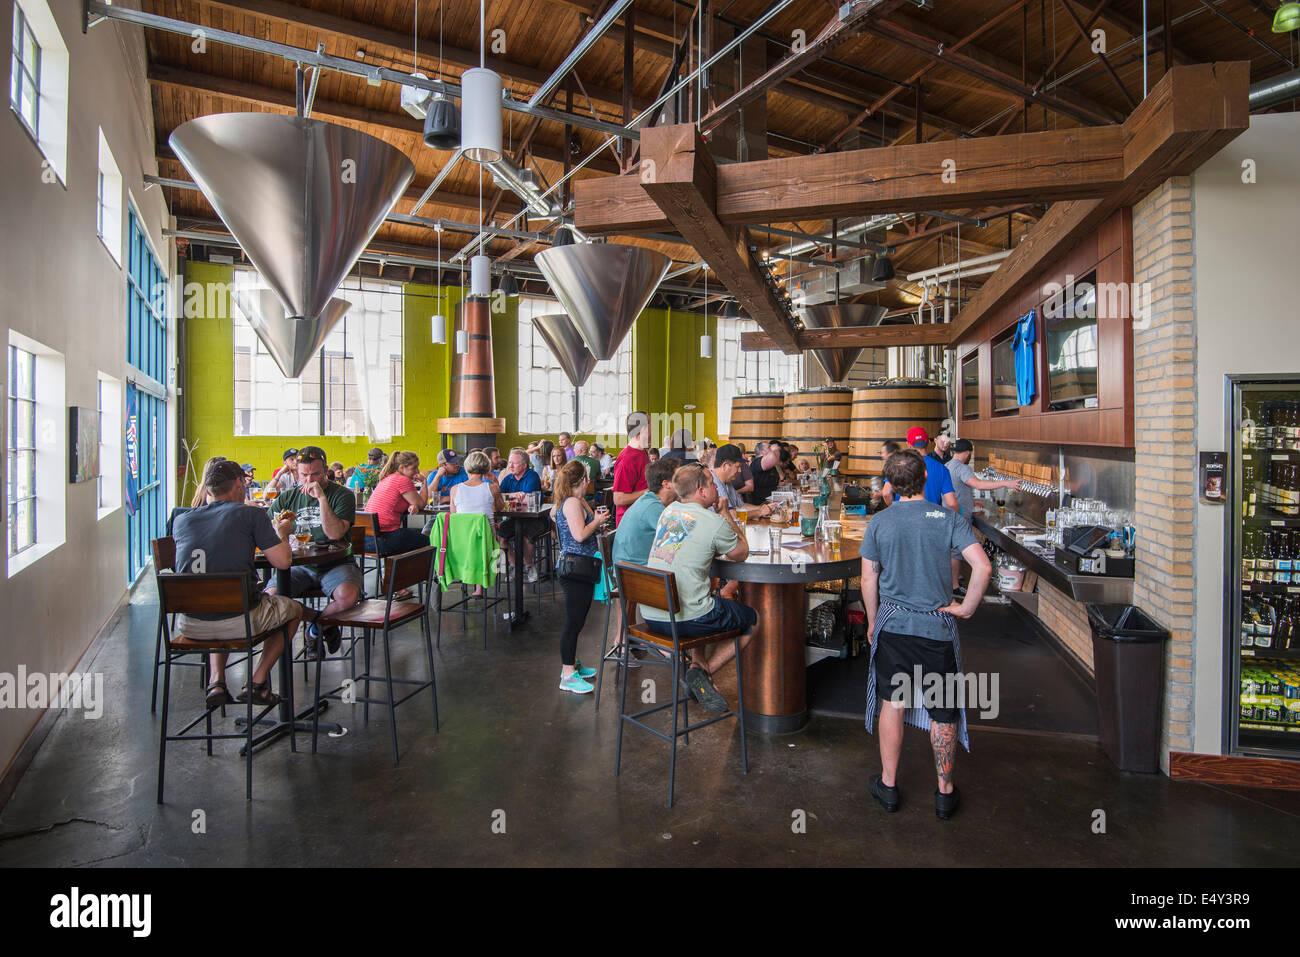 Epic Brewery, Denver, Colorado, USA - Stock Image